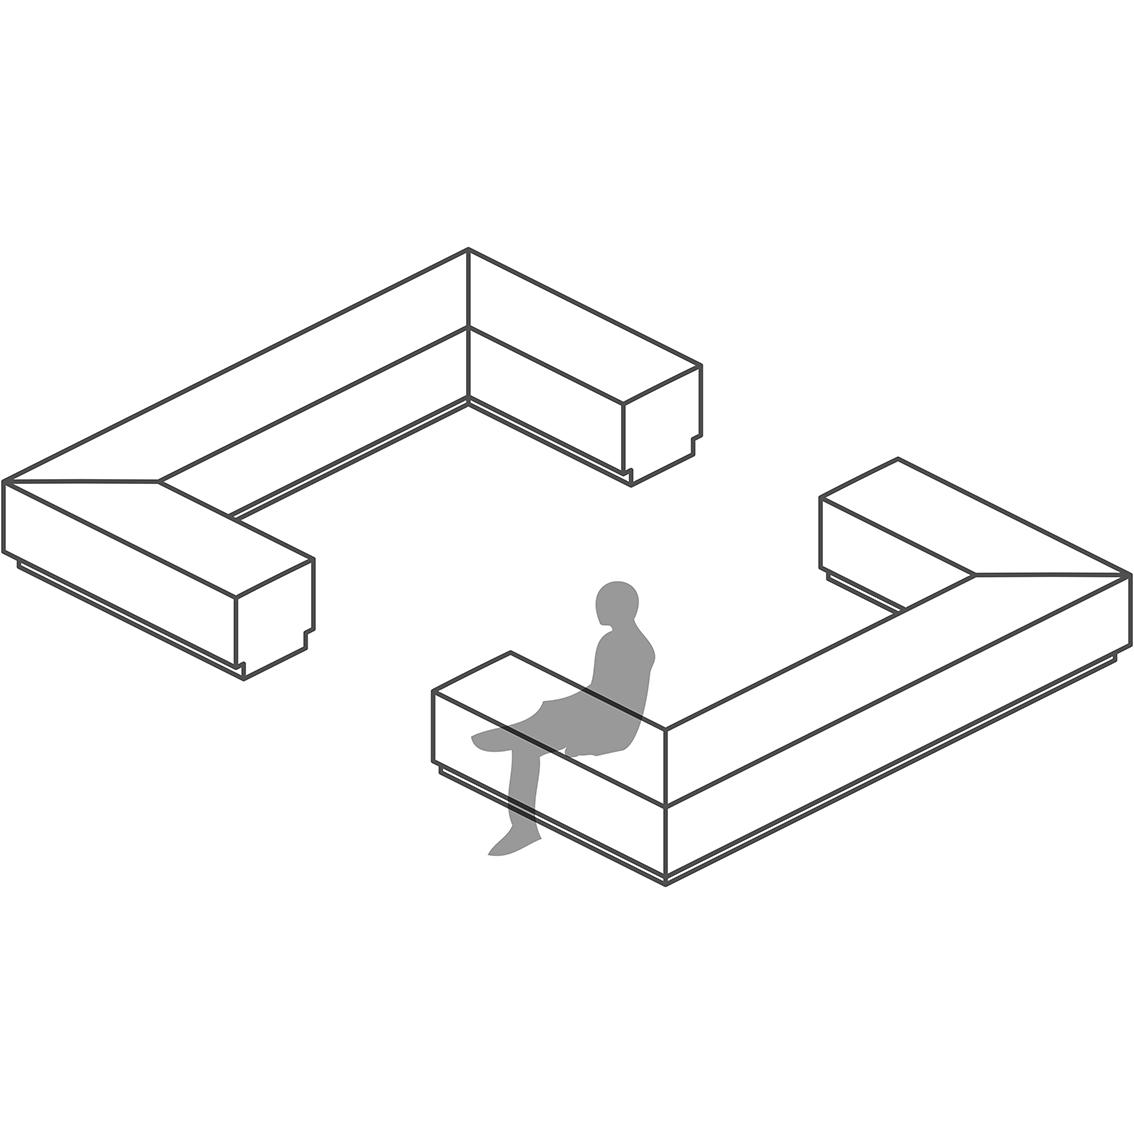 Bench Modular Seating - Module F